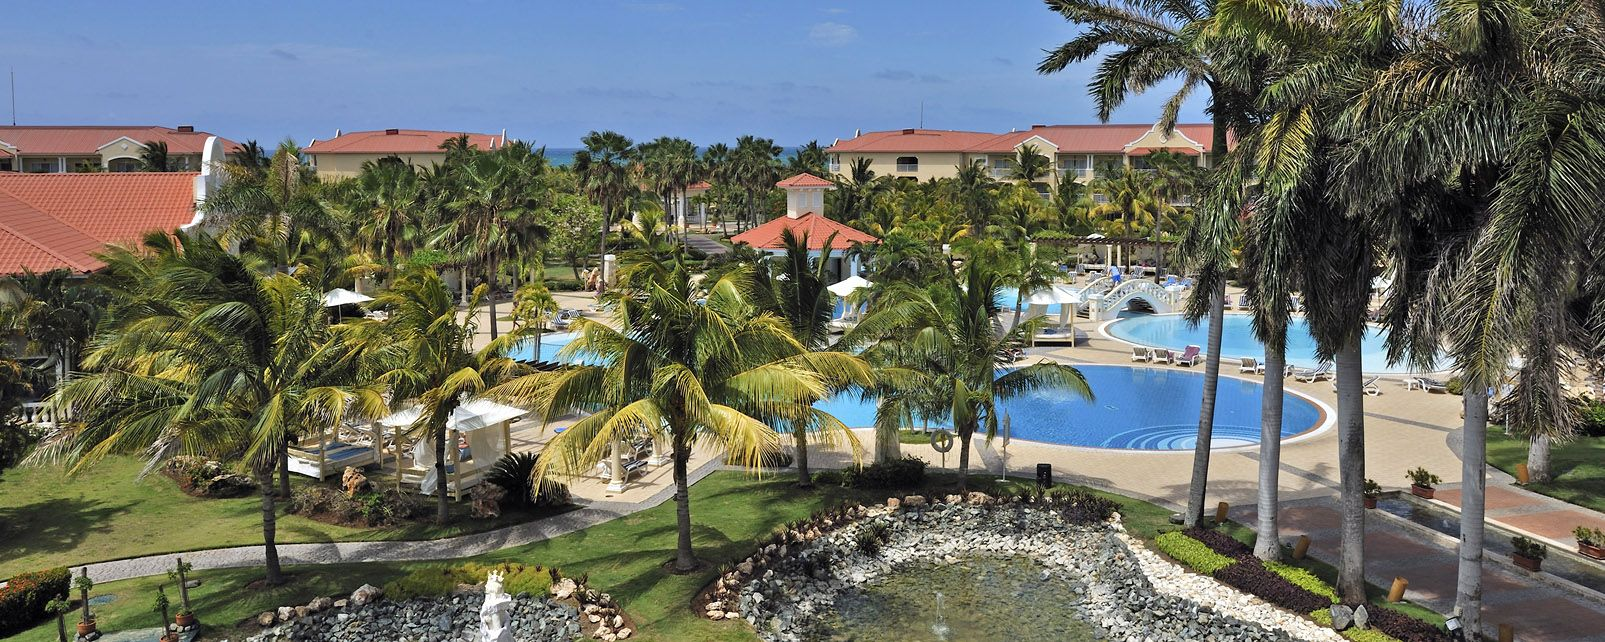 Hôtel Paradisus Princesa Del Mar